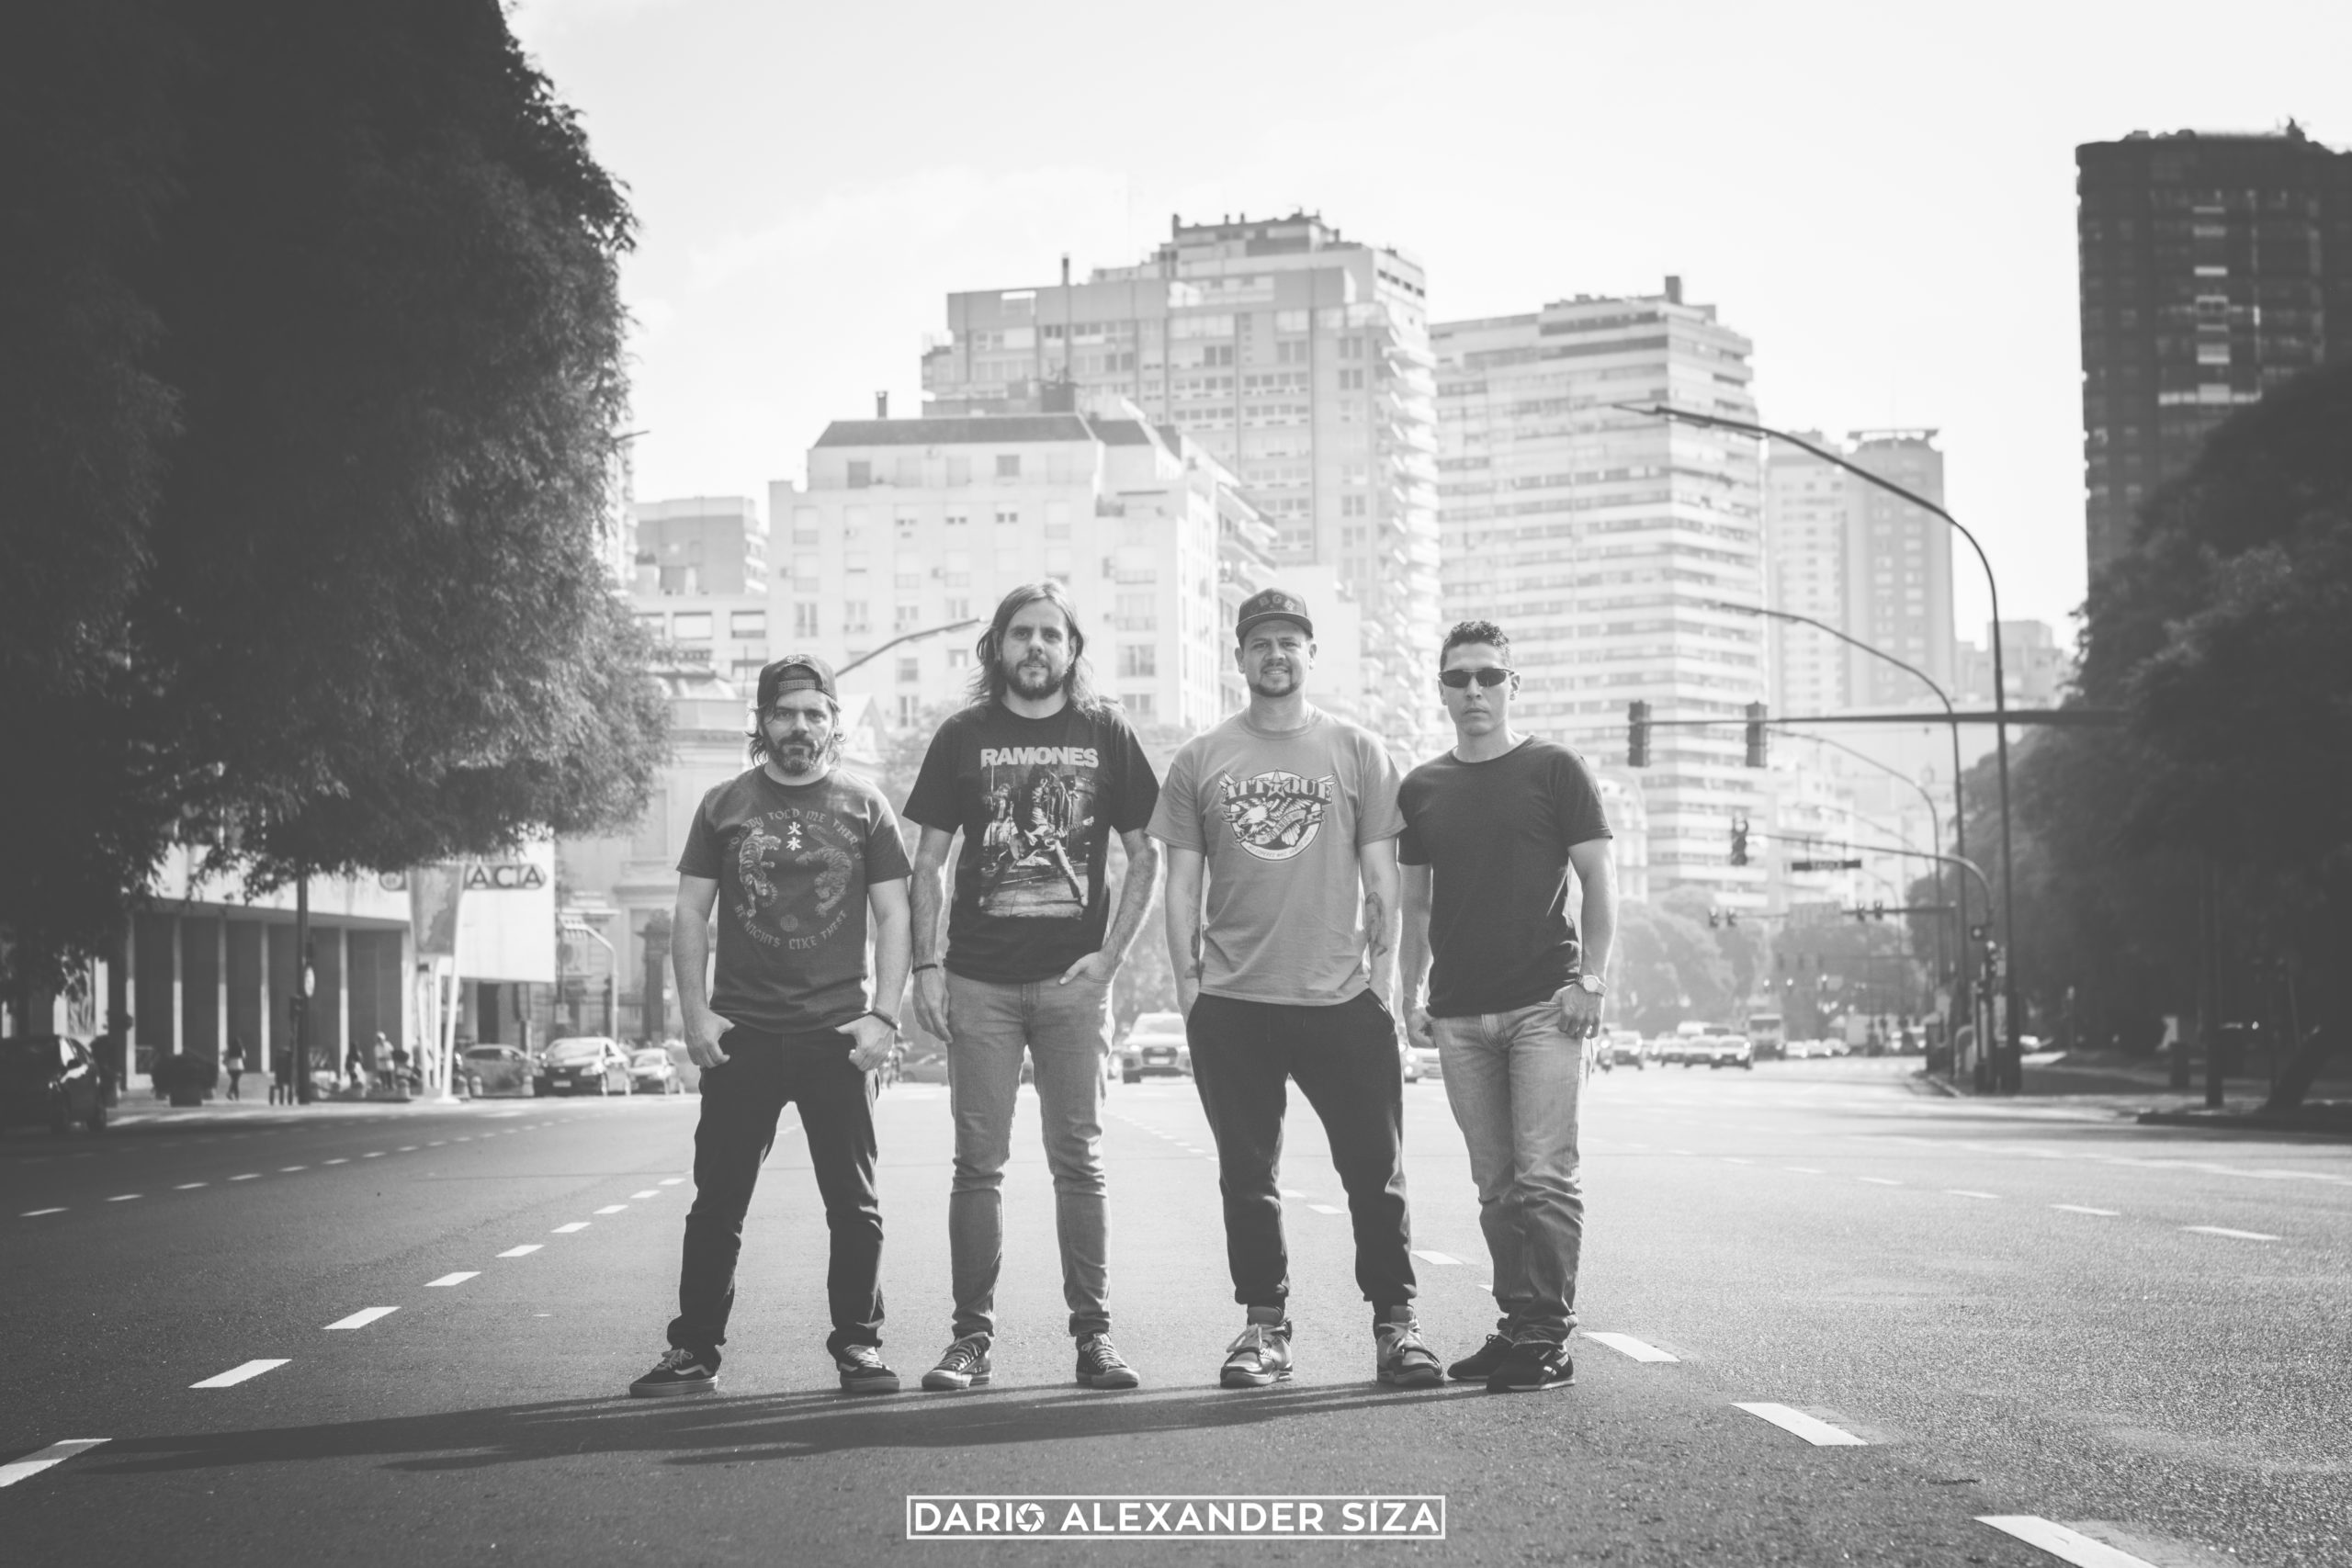 Tr3s de CoraZón, banda de Punk Rock de Medellin, Colombia en el episodio 52 de El Poste del Neo Travel Cast, un podcast de Tropical Punk Records